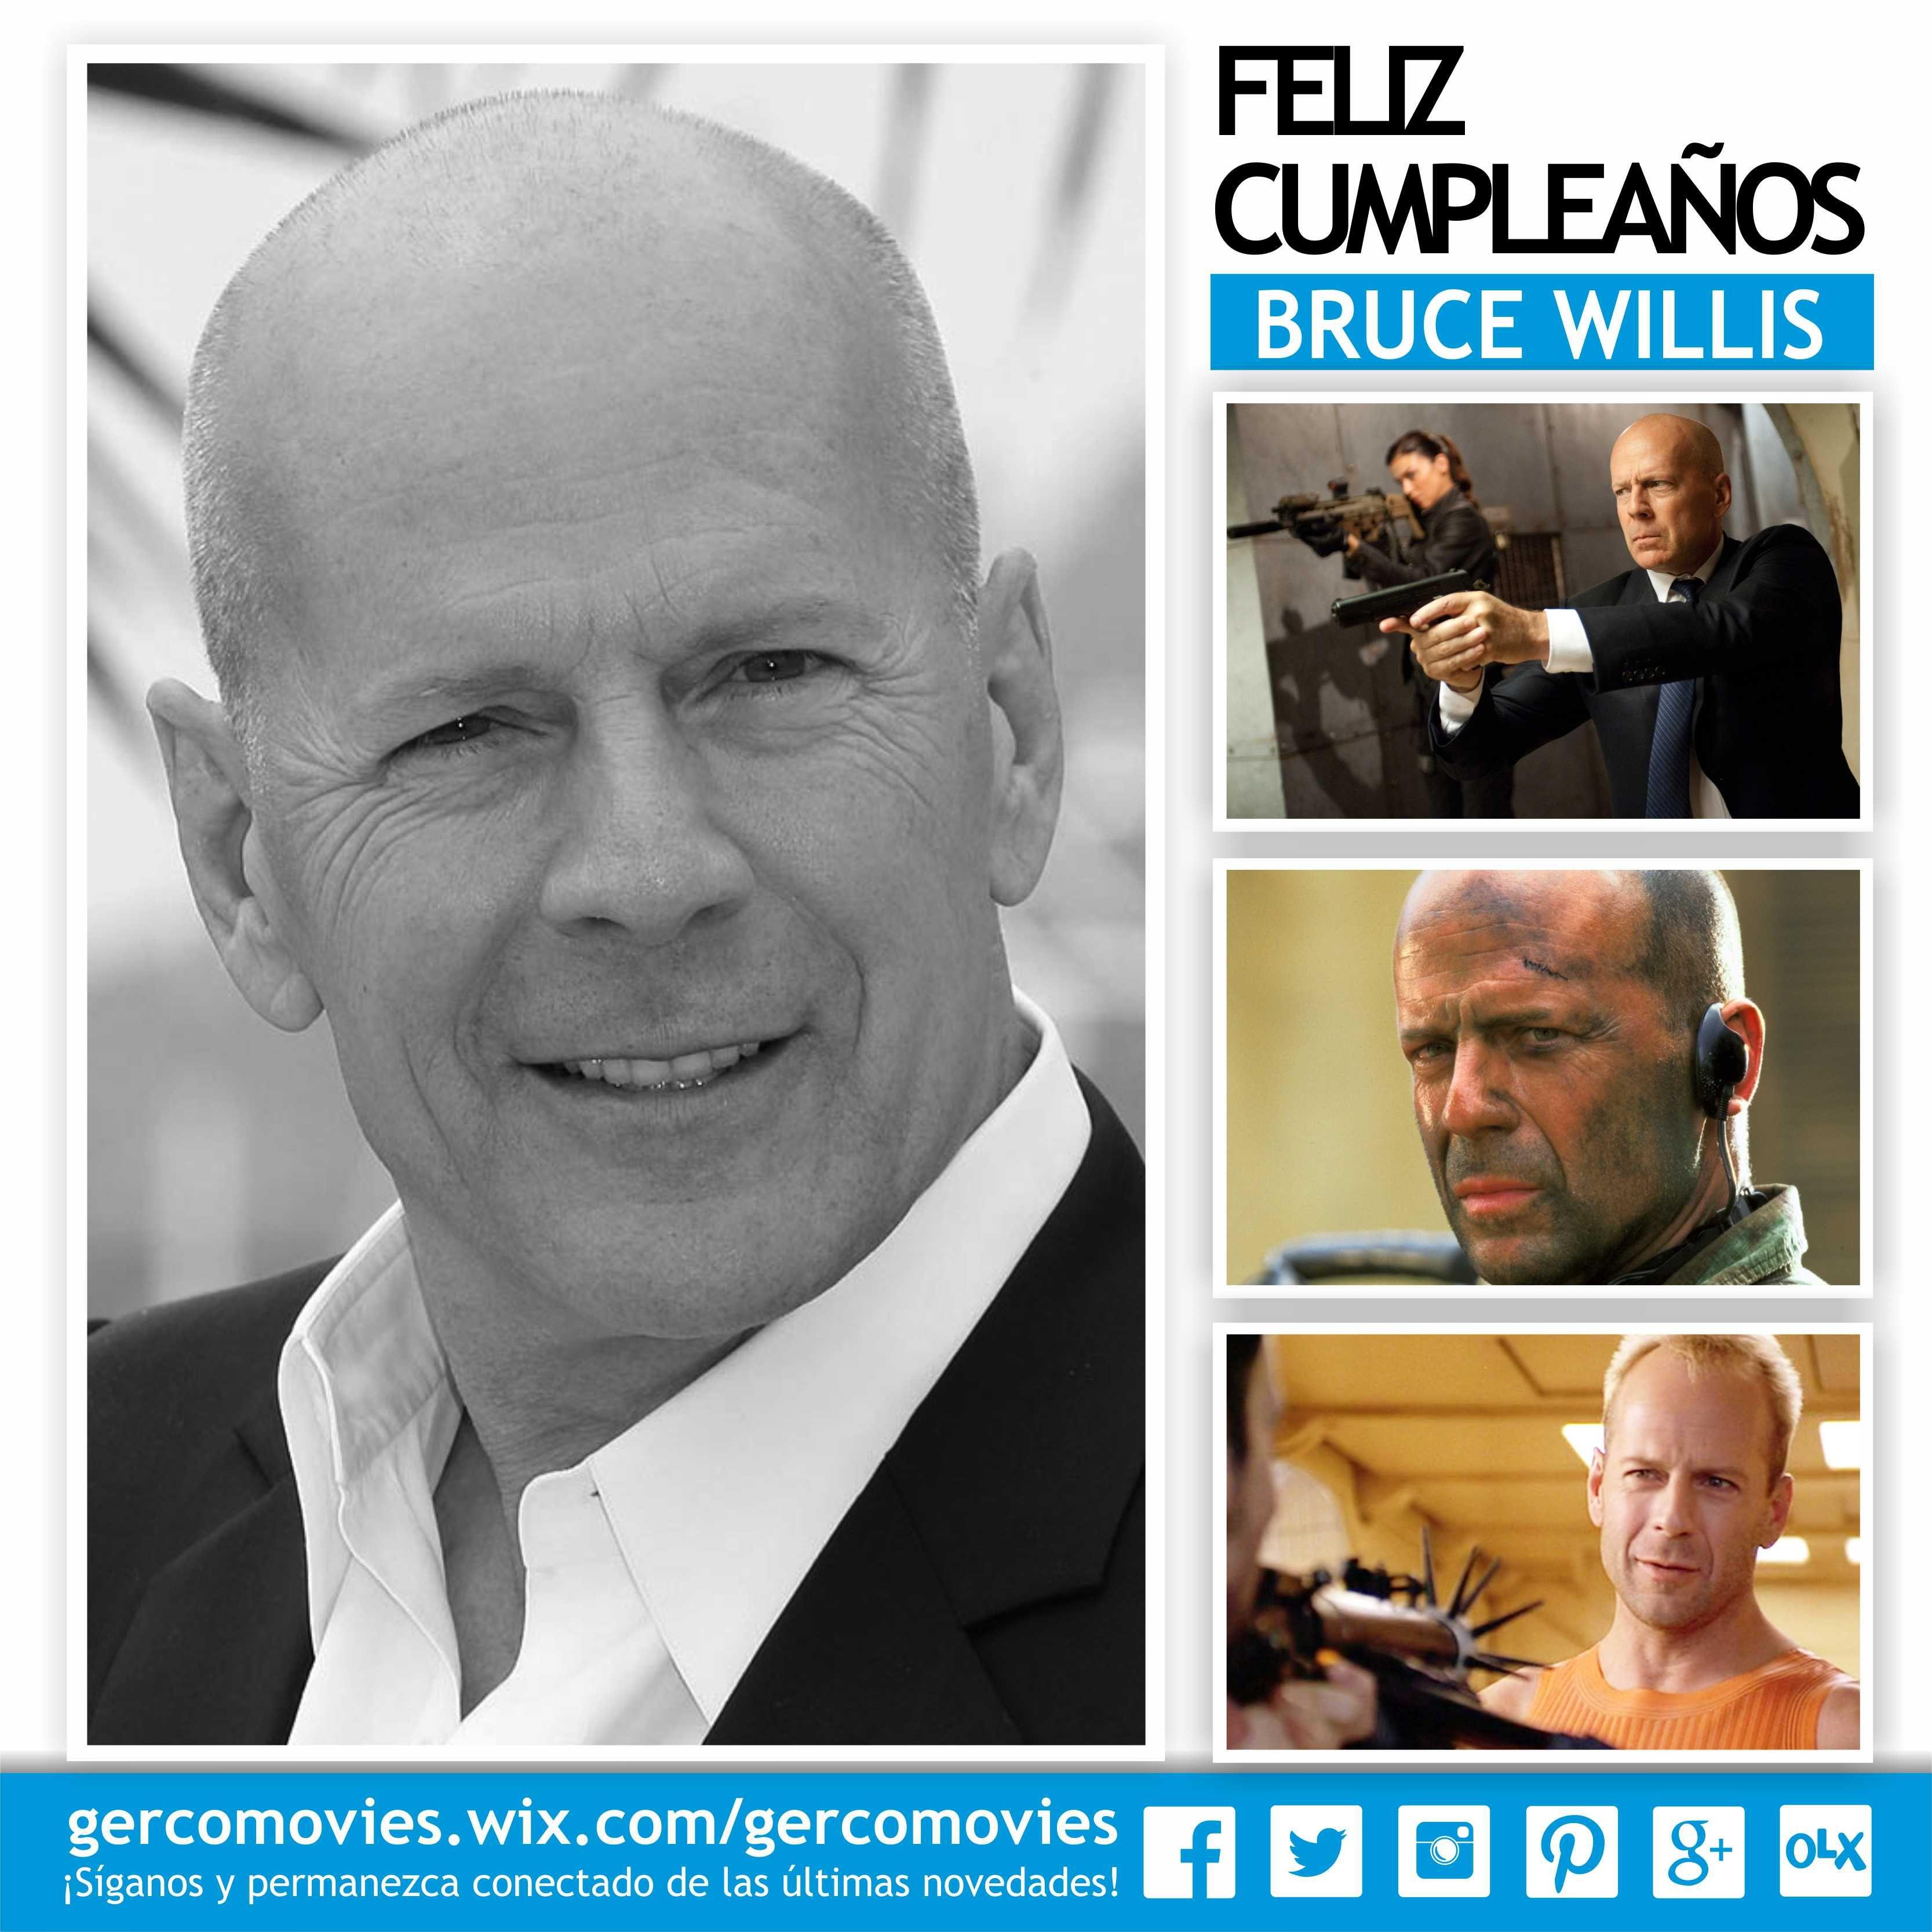 Hoy hace 60 años nació en Alemania #BruceWillis, héroe de acción y fantasma despistado.